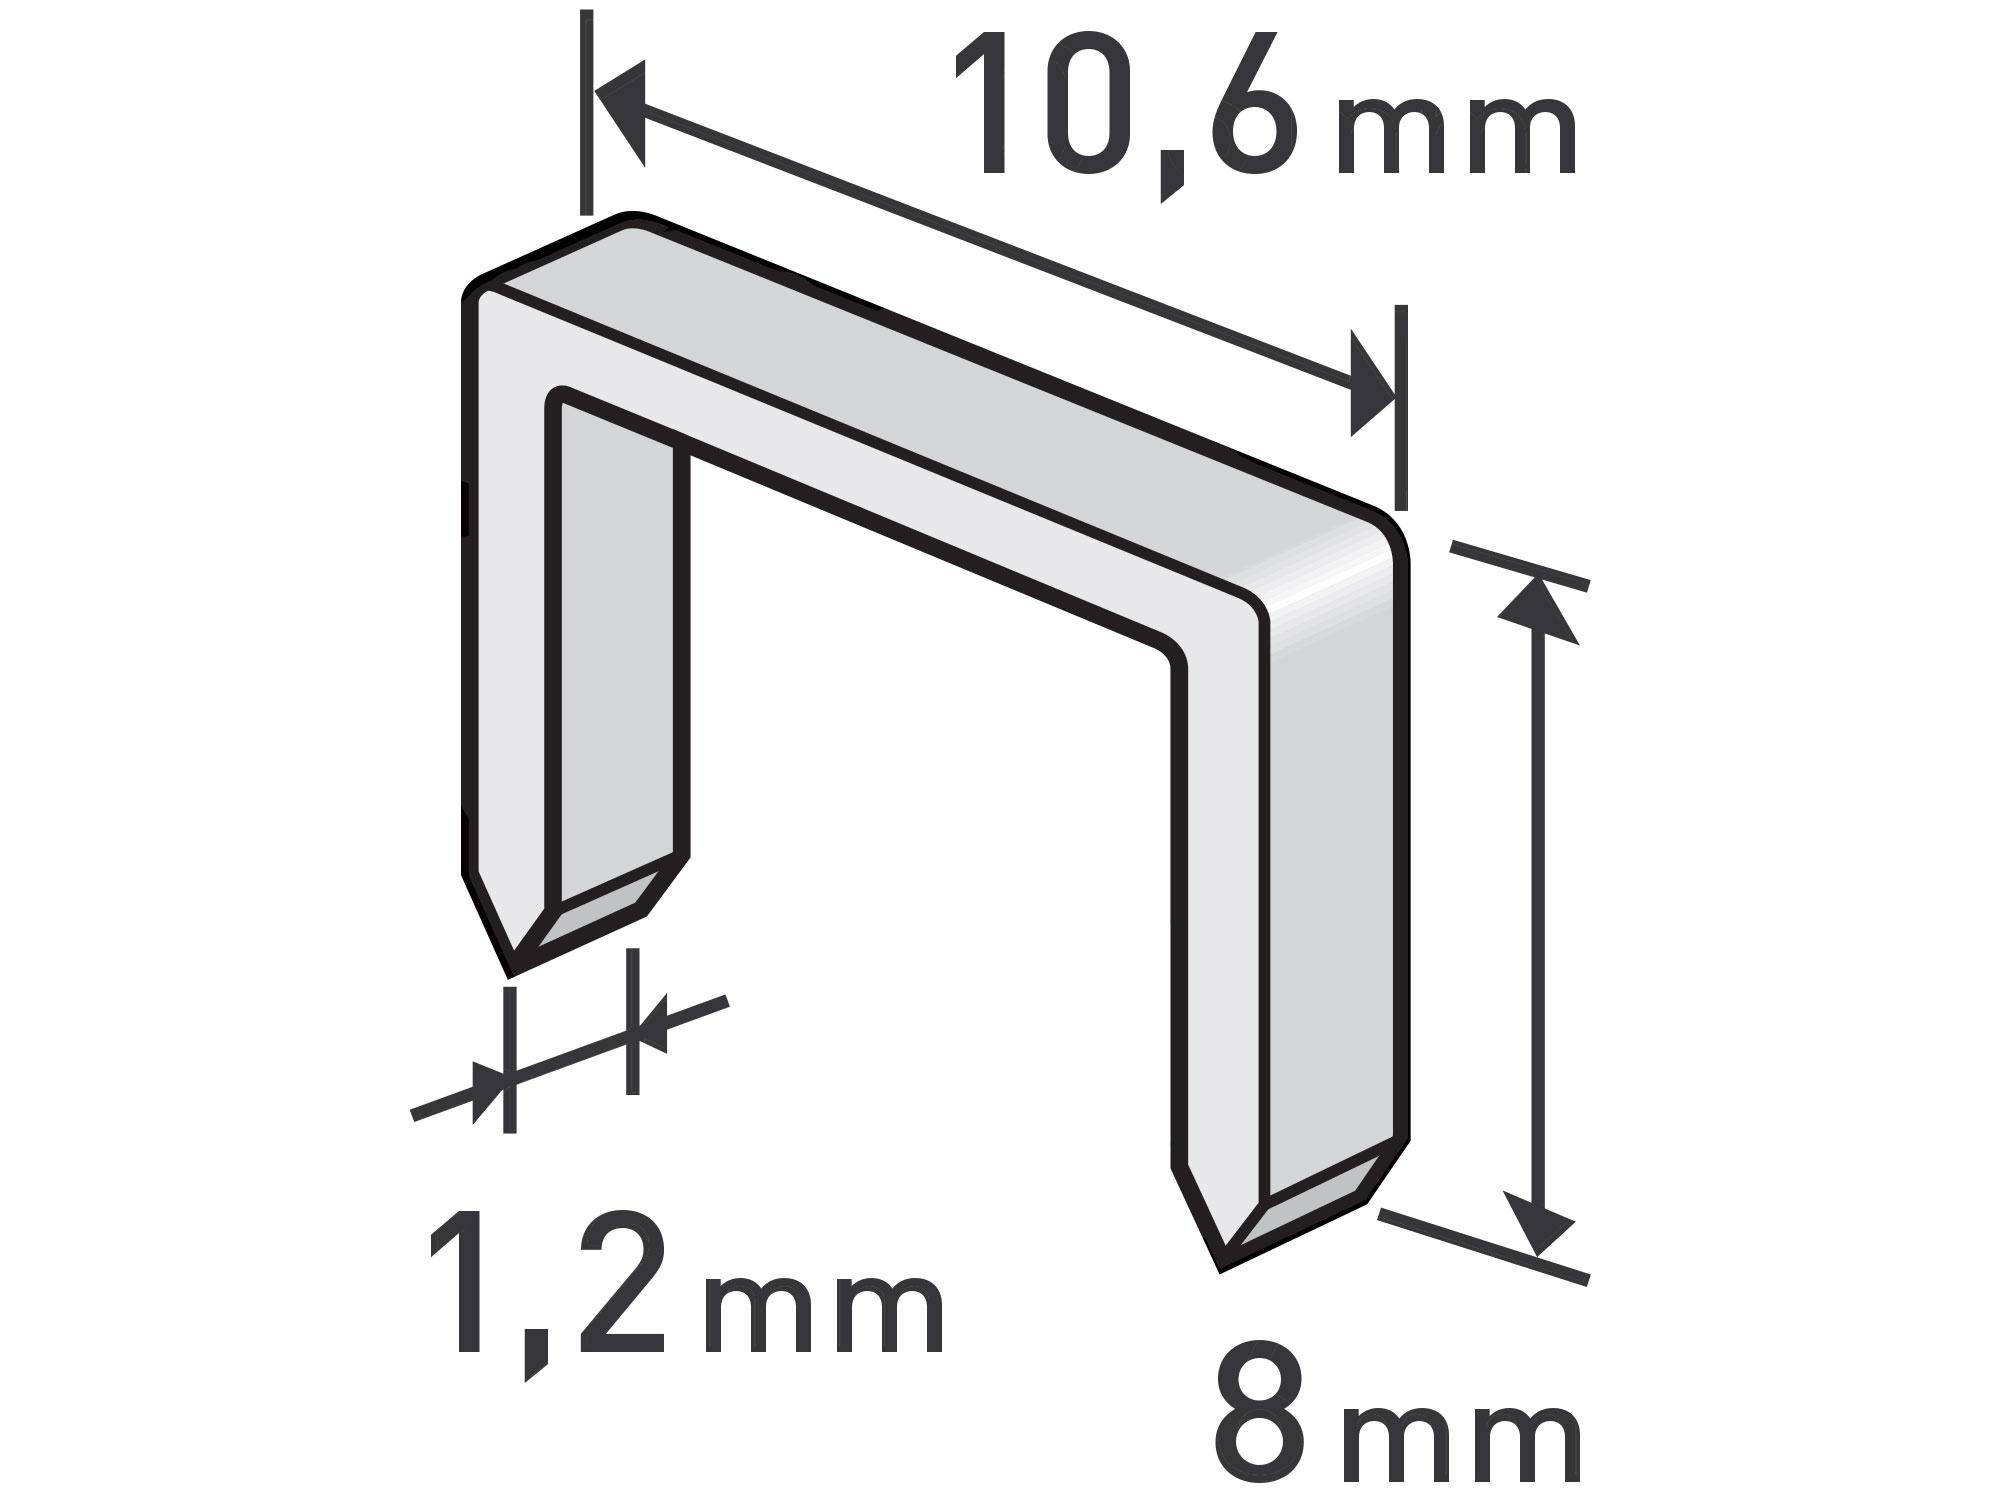 spony, balení 1000ks, 8mm, 10,6x0,52x1,2mm